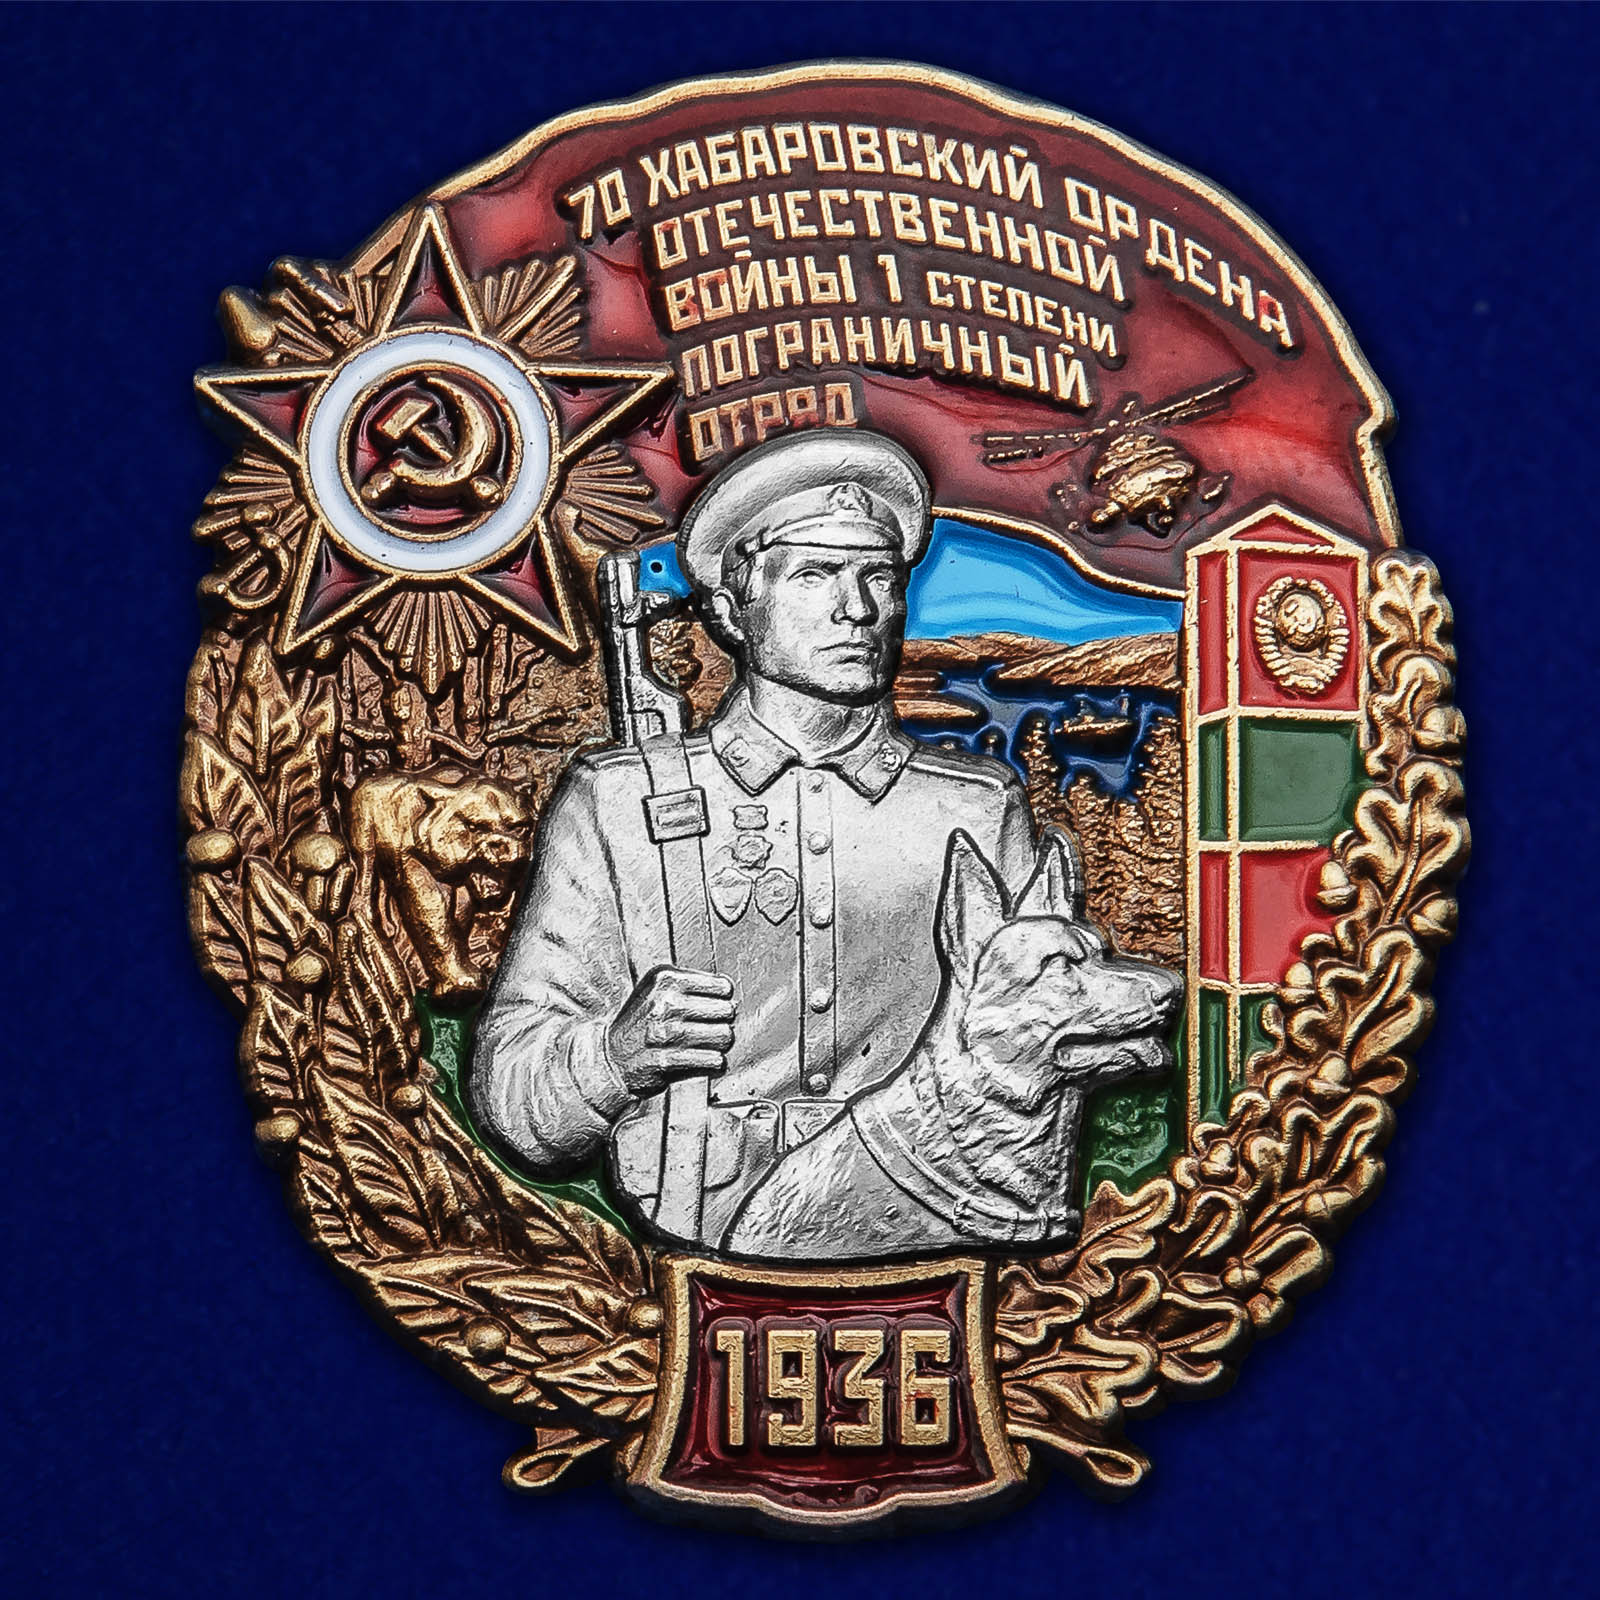 Знак 70 Хабаровский пограничный отряд